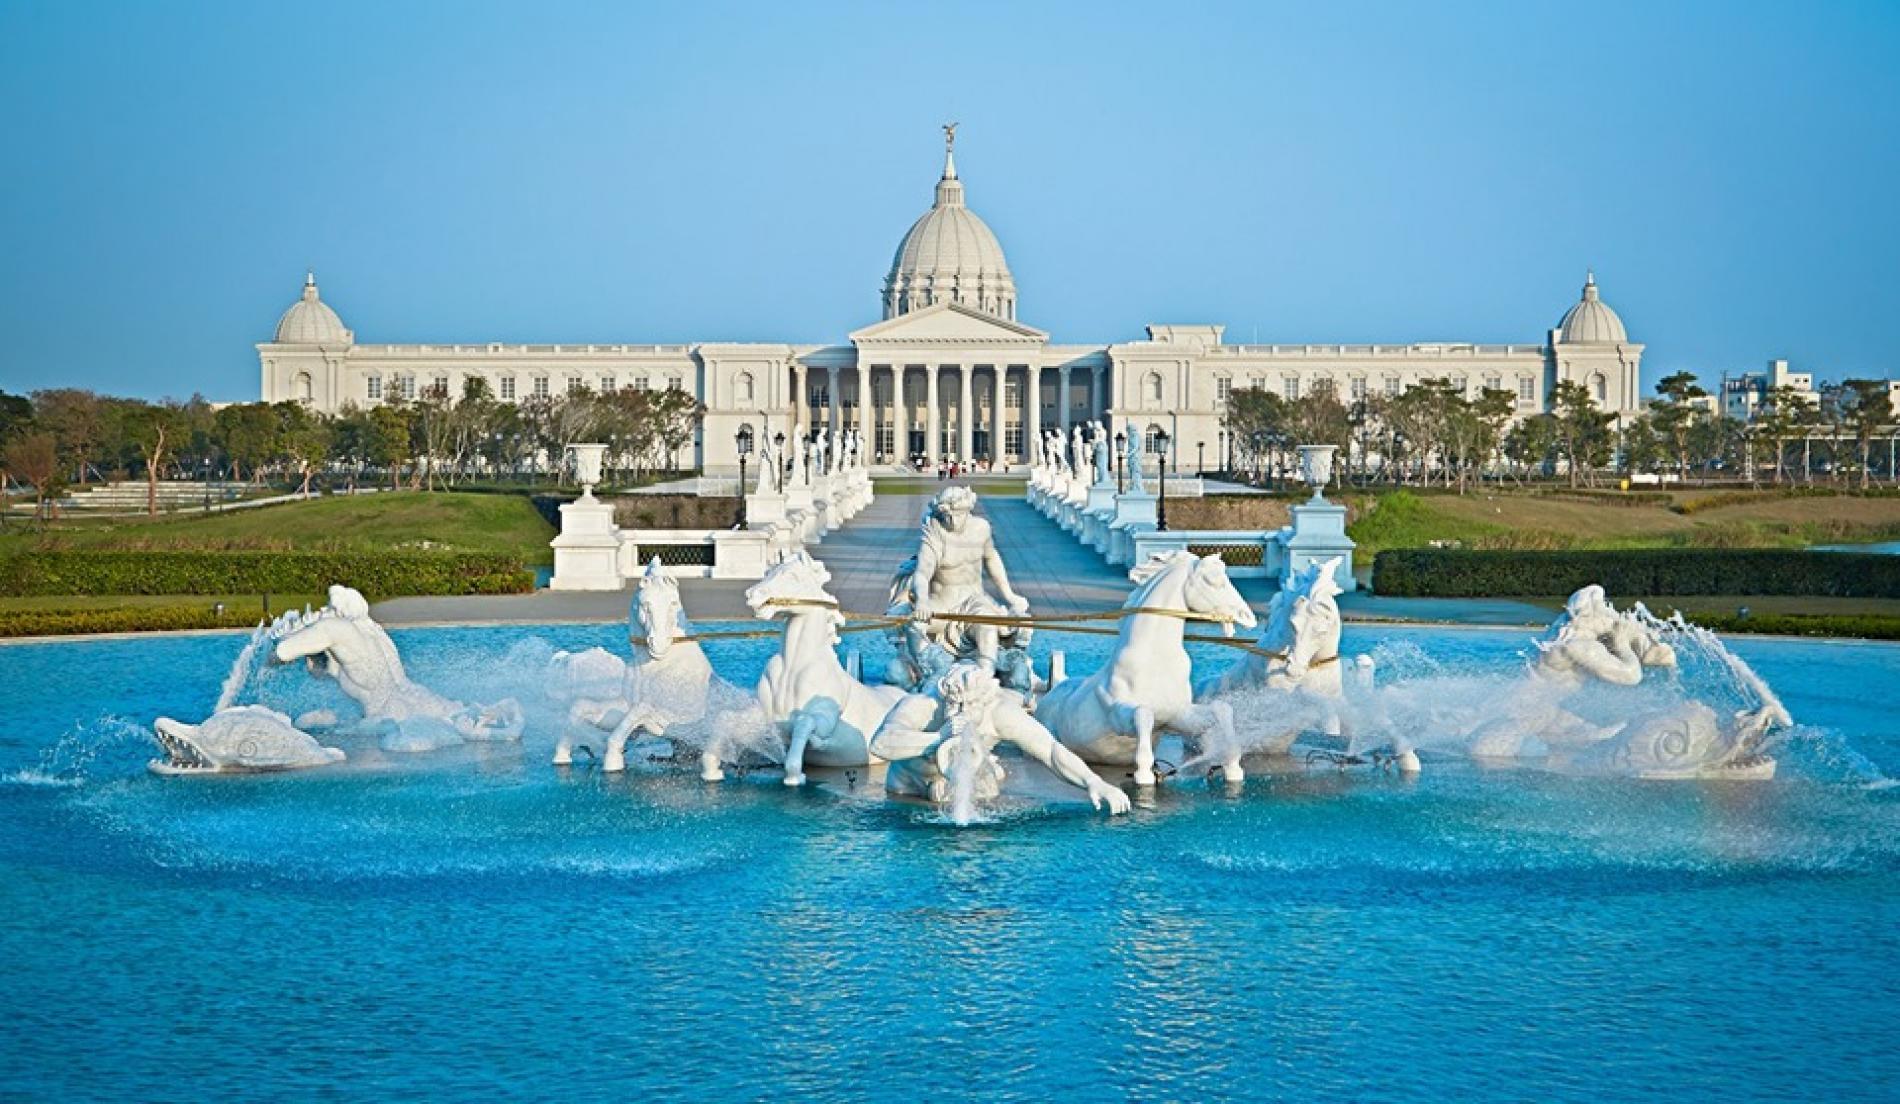 Hồ nước trước bảo tàng Chimei với những bức tượng thần trắng